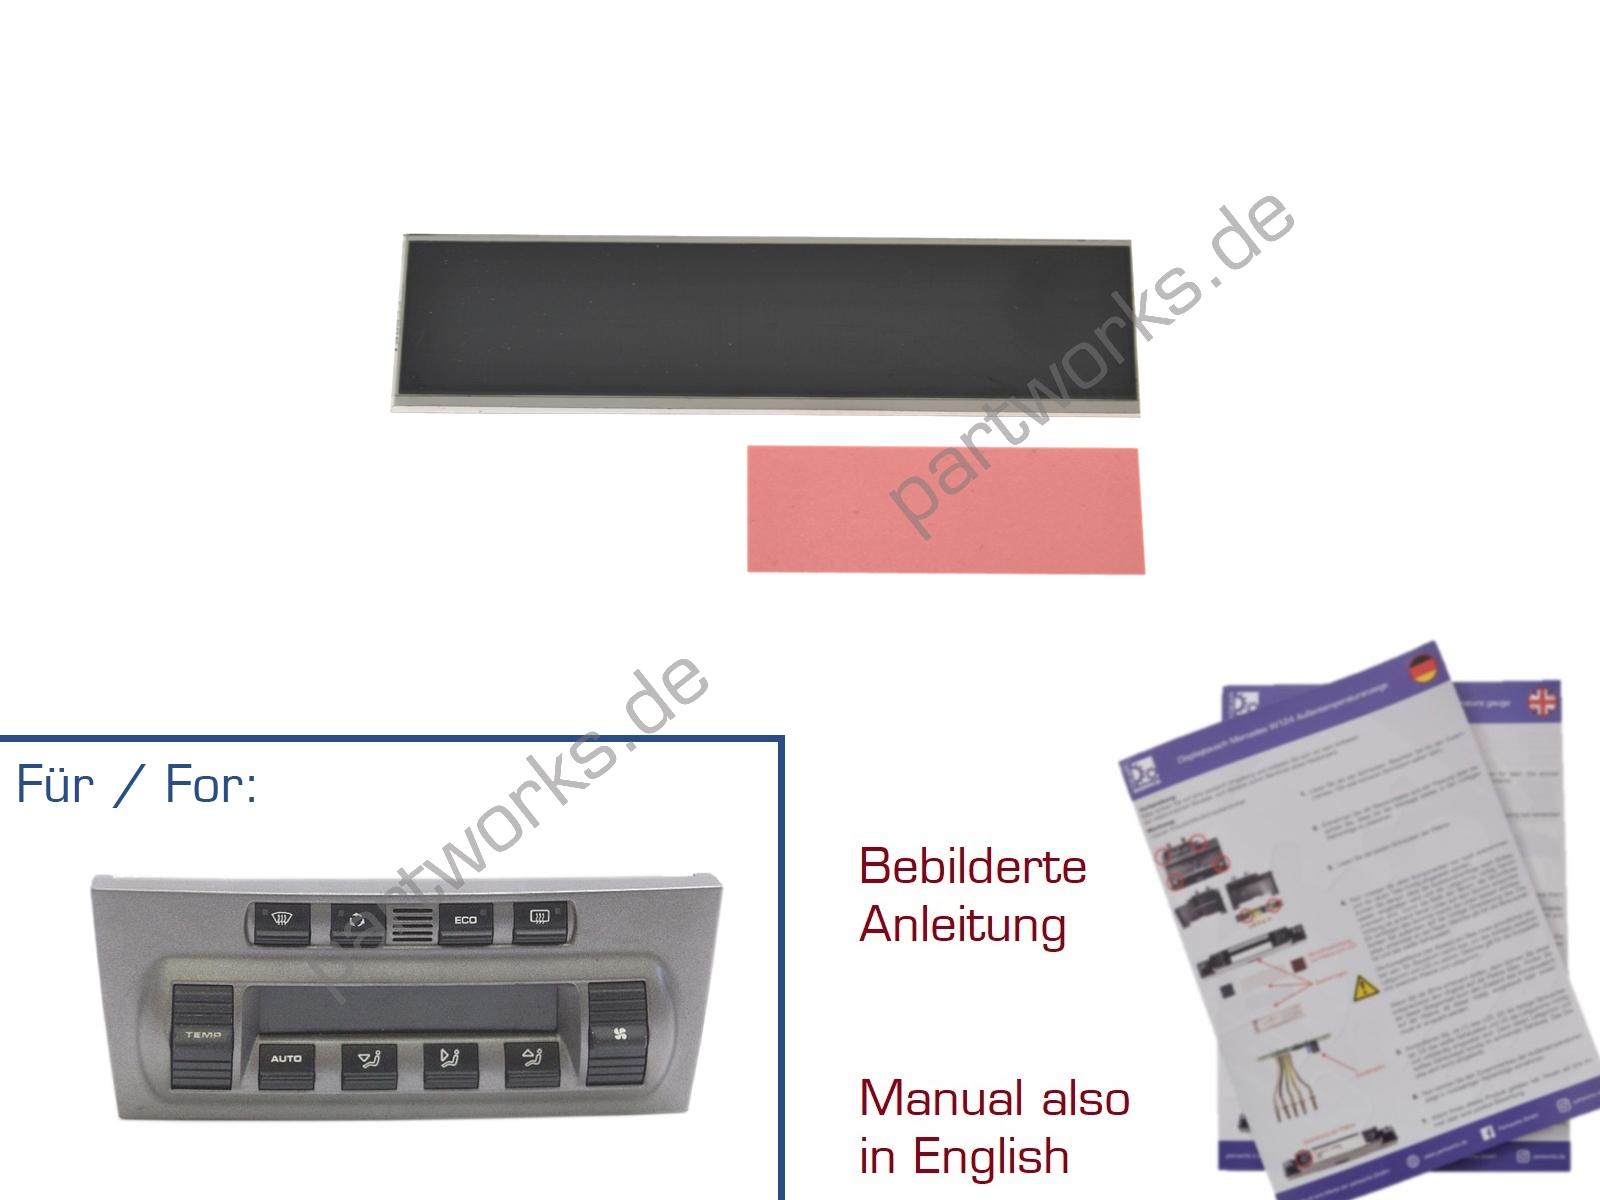 LCD Display für Porsche 997/987 Cayman Klimabedienteil Reparatur